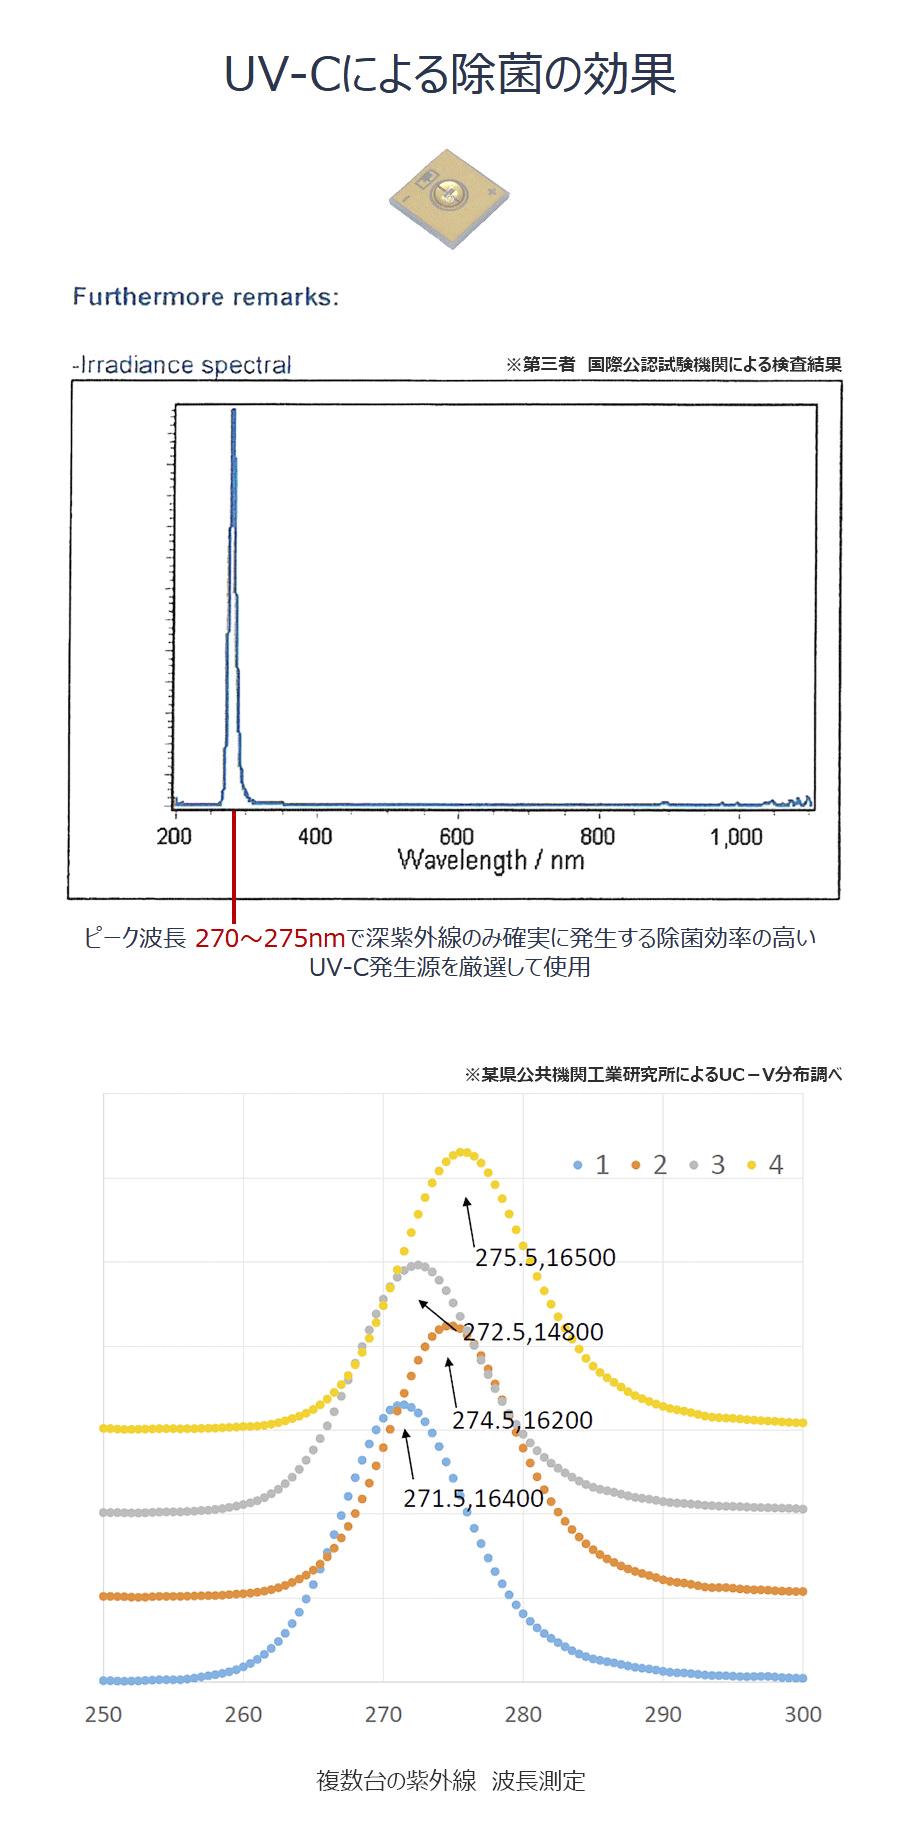 UV-Cによる除菌の効果